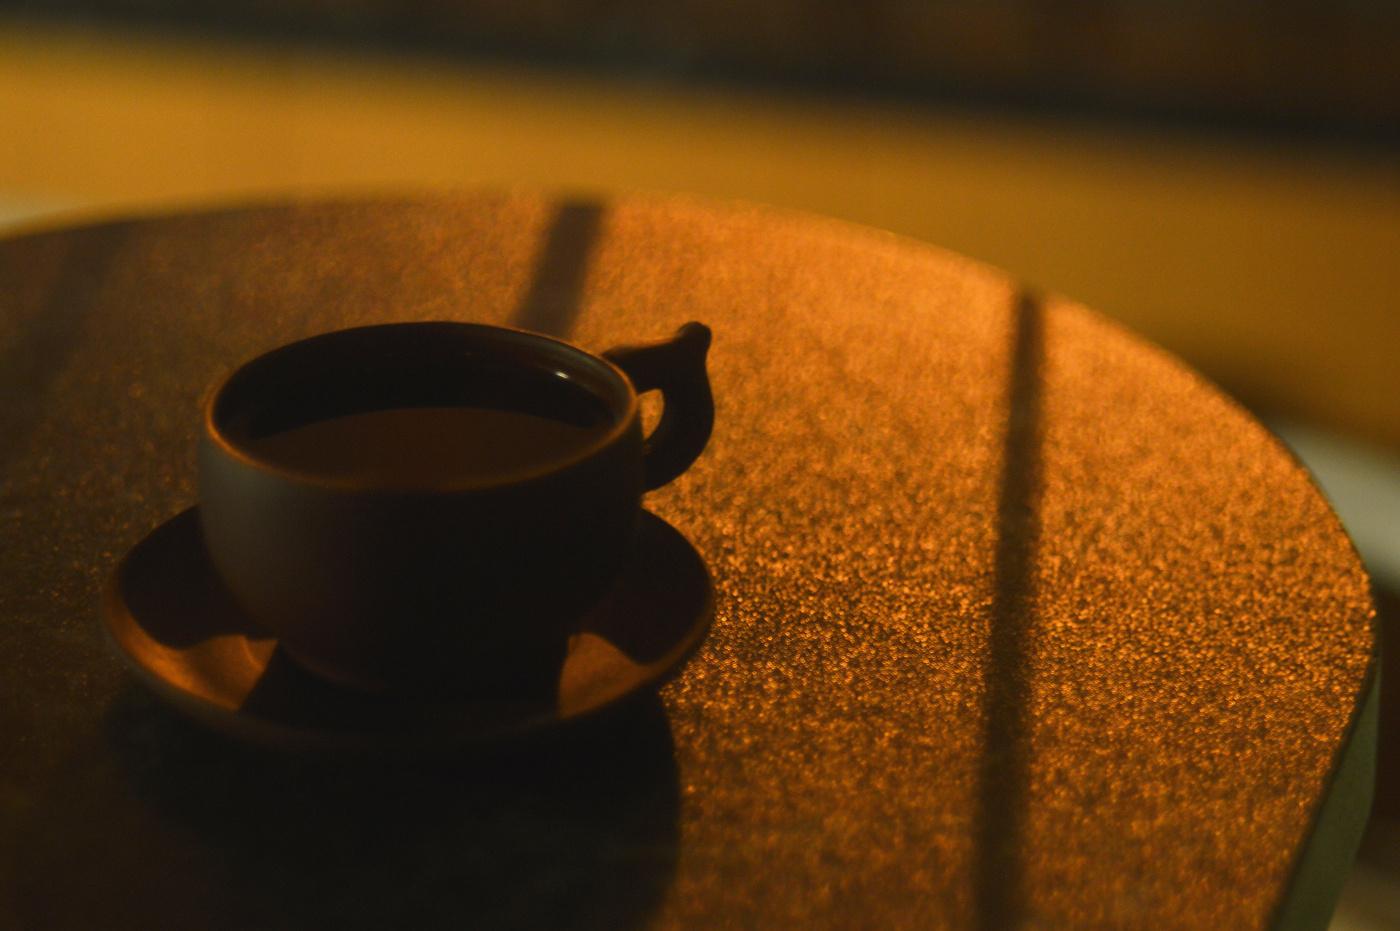 картинки солнечные комнаты с кофе на столе добавок эффекту самого